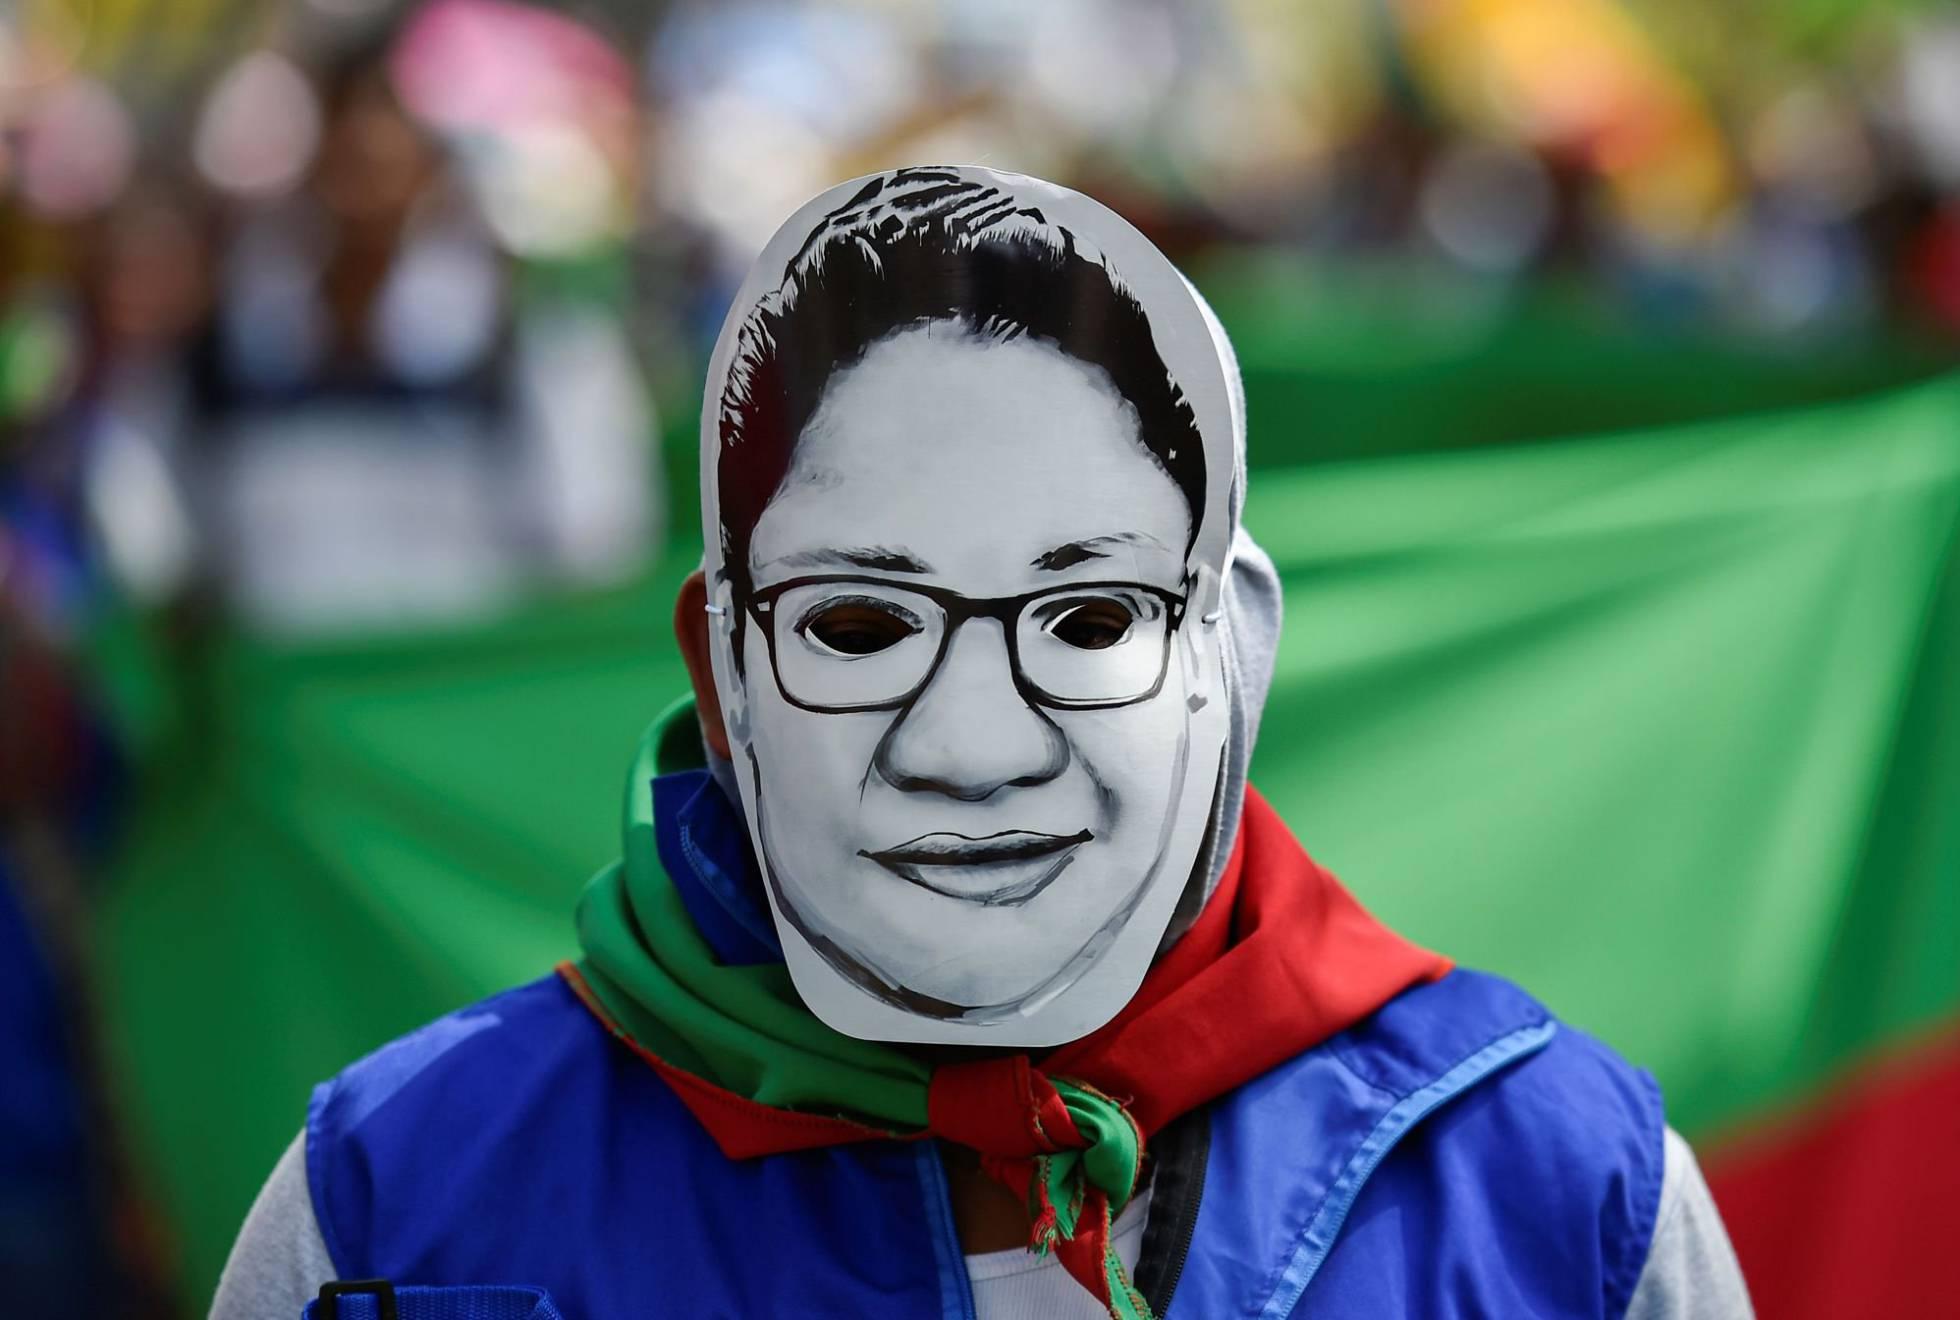 1575994845 411283 1575995855 noticia normal recorte1 - La paz en Colombia, rezagada para las mujeres